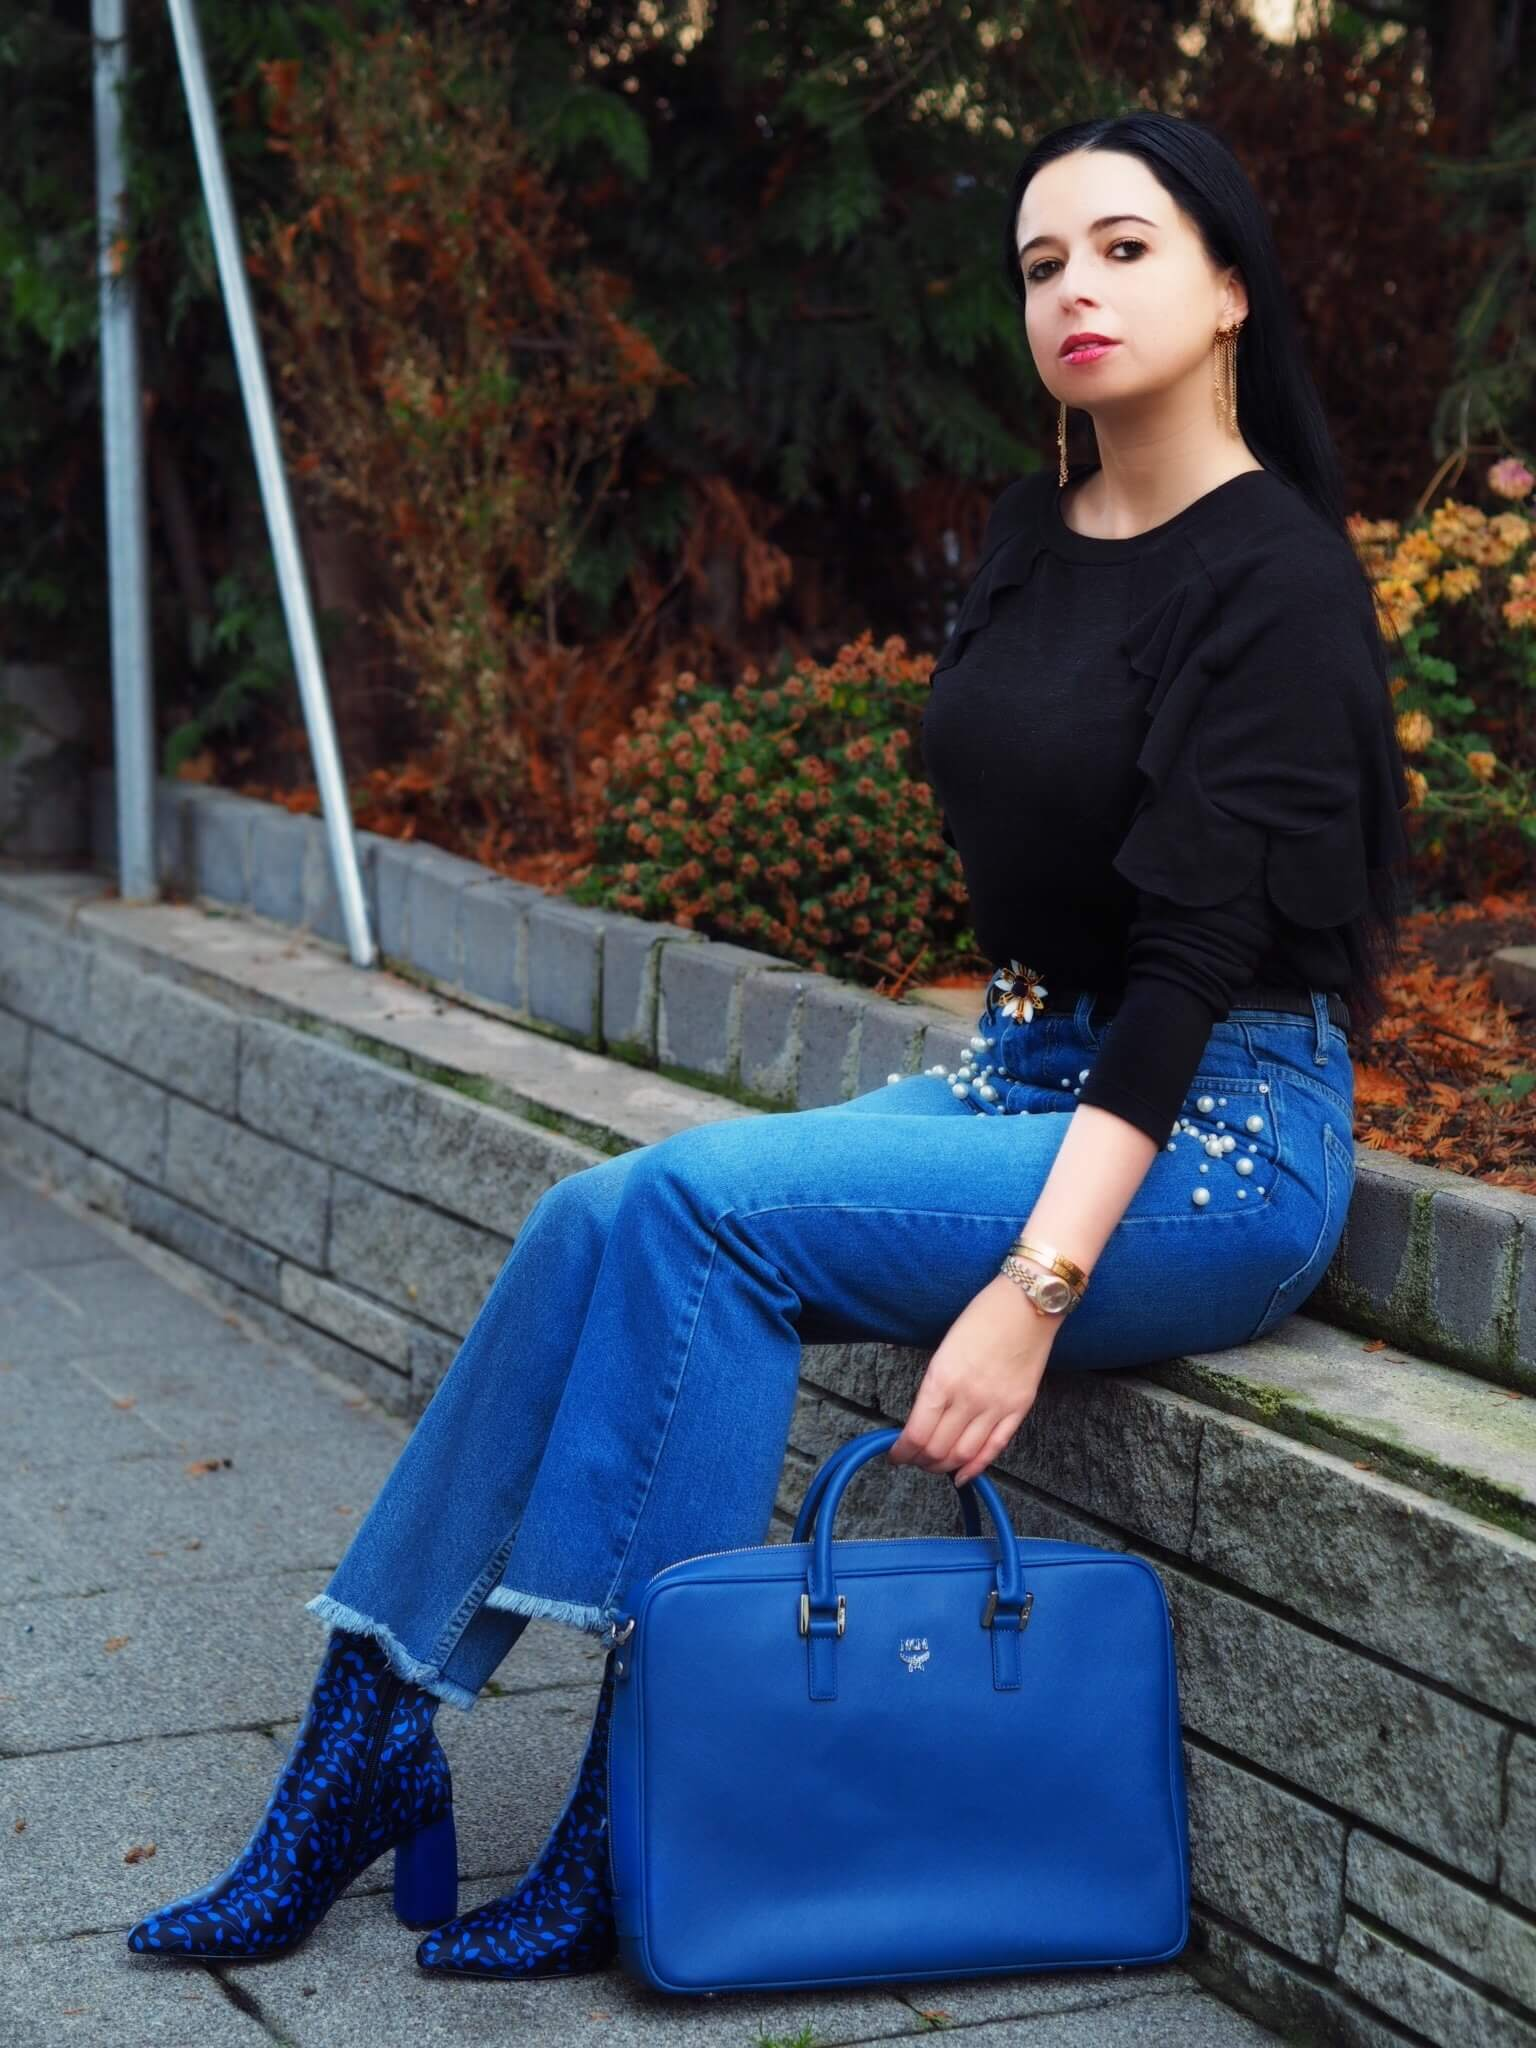 Heute zeige ich euch meinen Blue Valentine Look mit Trendyol High Waist Jeans, Haileys Pulli, NA-KD Stiefeln und MCM Tasche den ich am Tag der Liebe trage